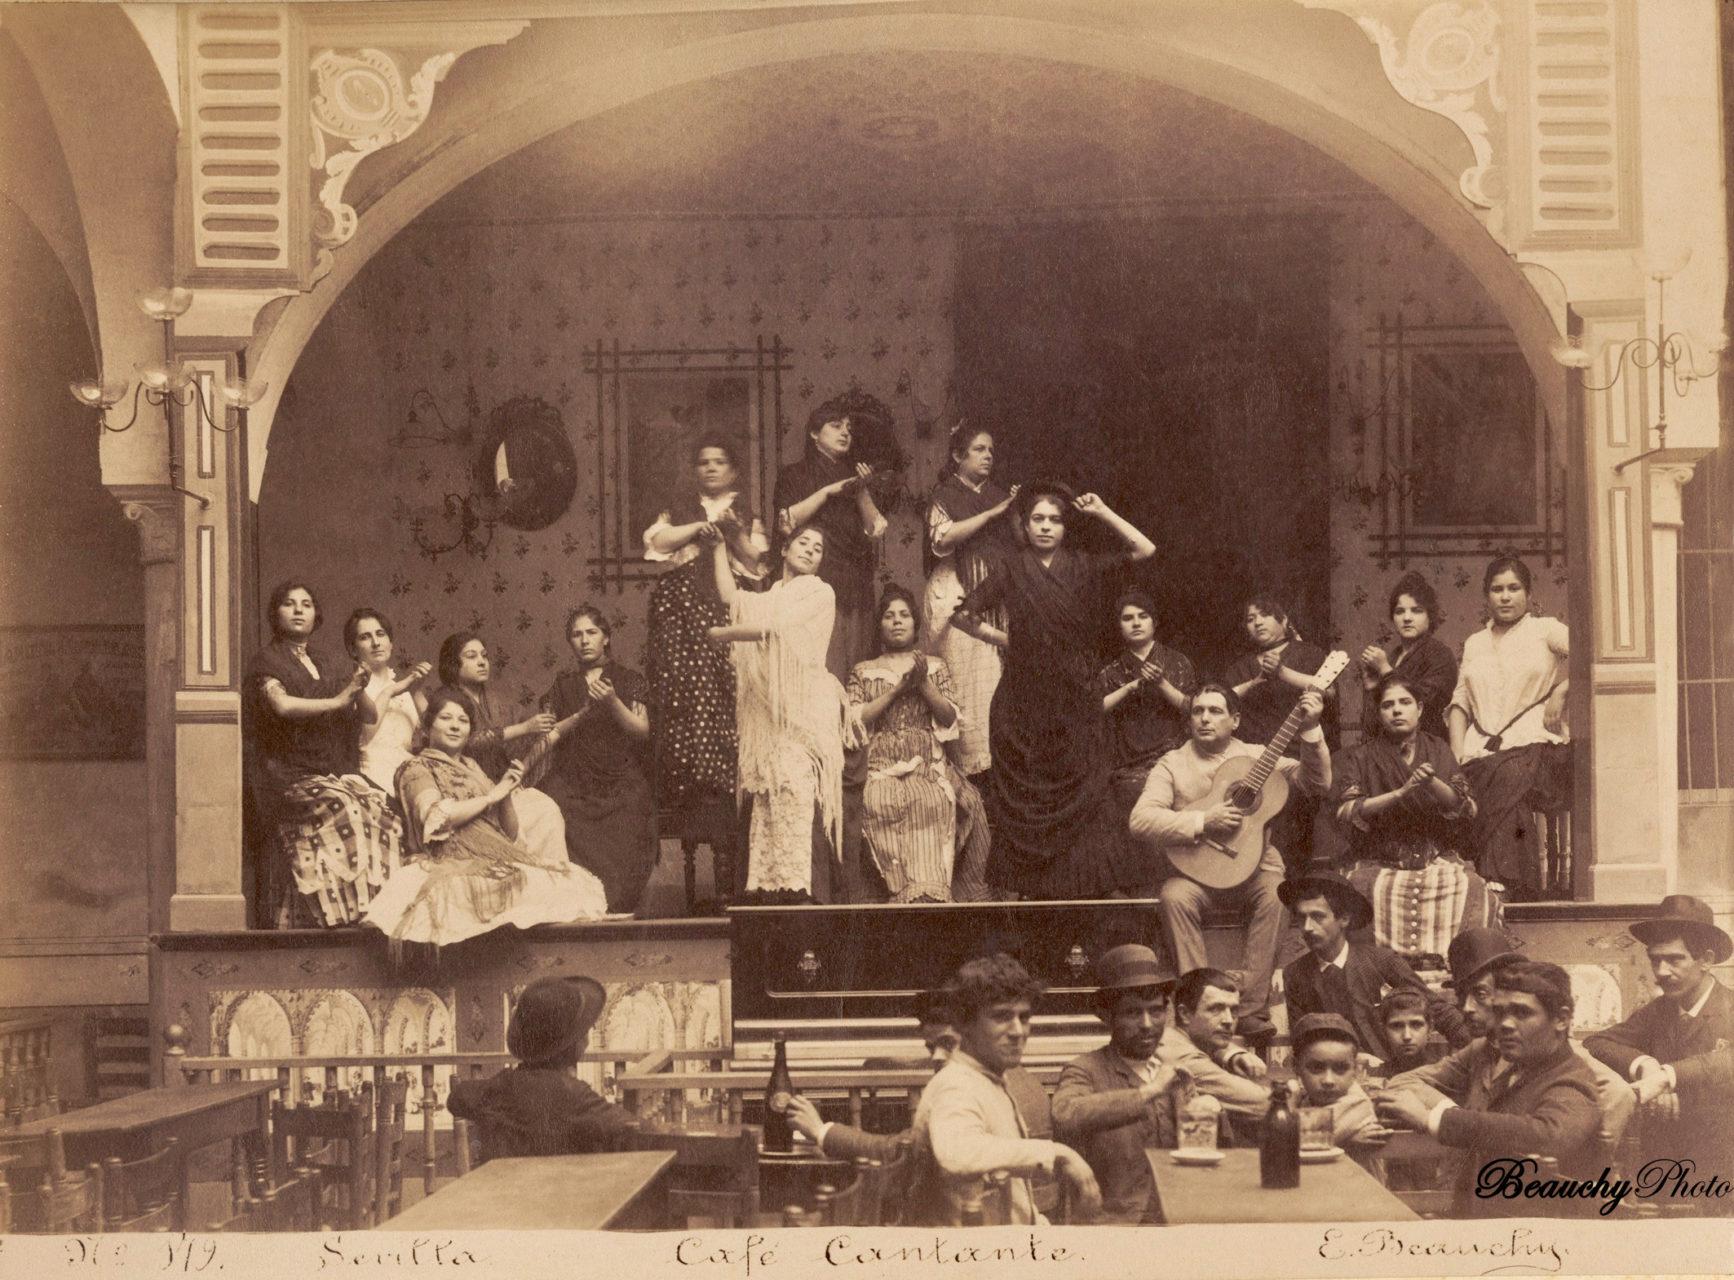 Beauchyphoto_Café_Cantante_Nº179(2)_Emilio_Beauchy_Cano_fotografias_antiguas_postales_retratos_flamenco